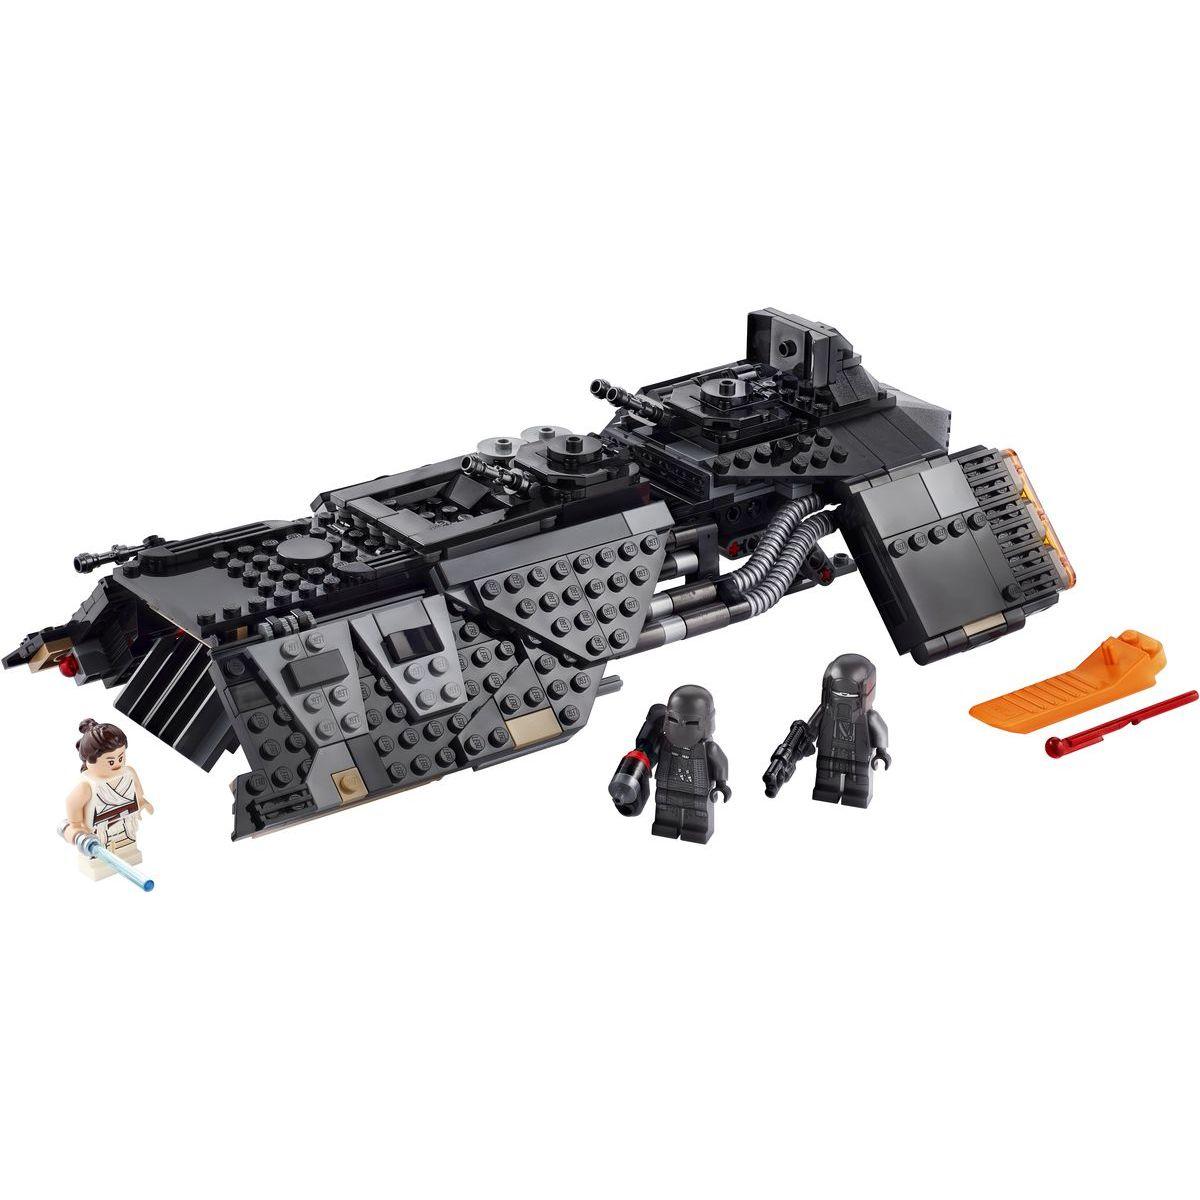 LEGO Star Wars 75284